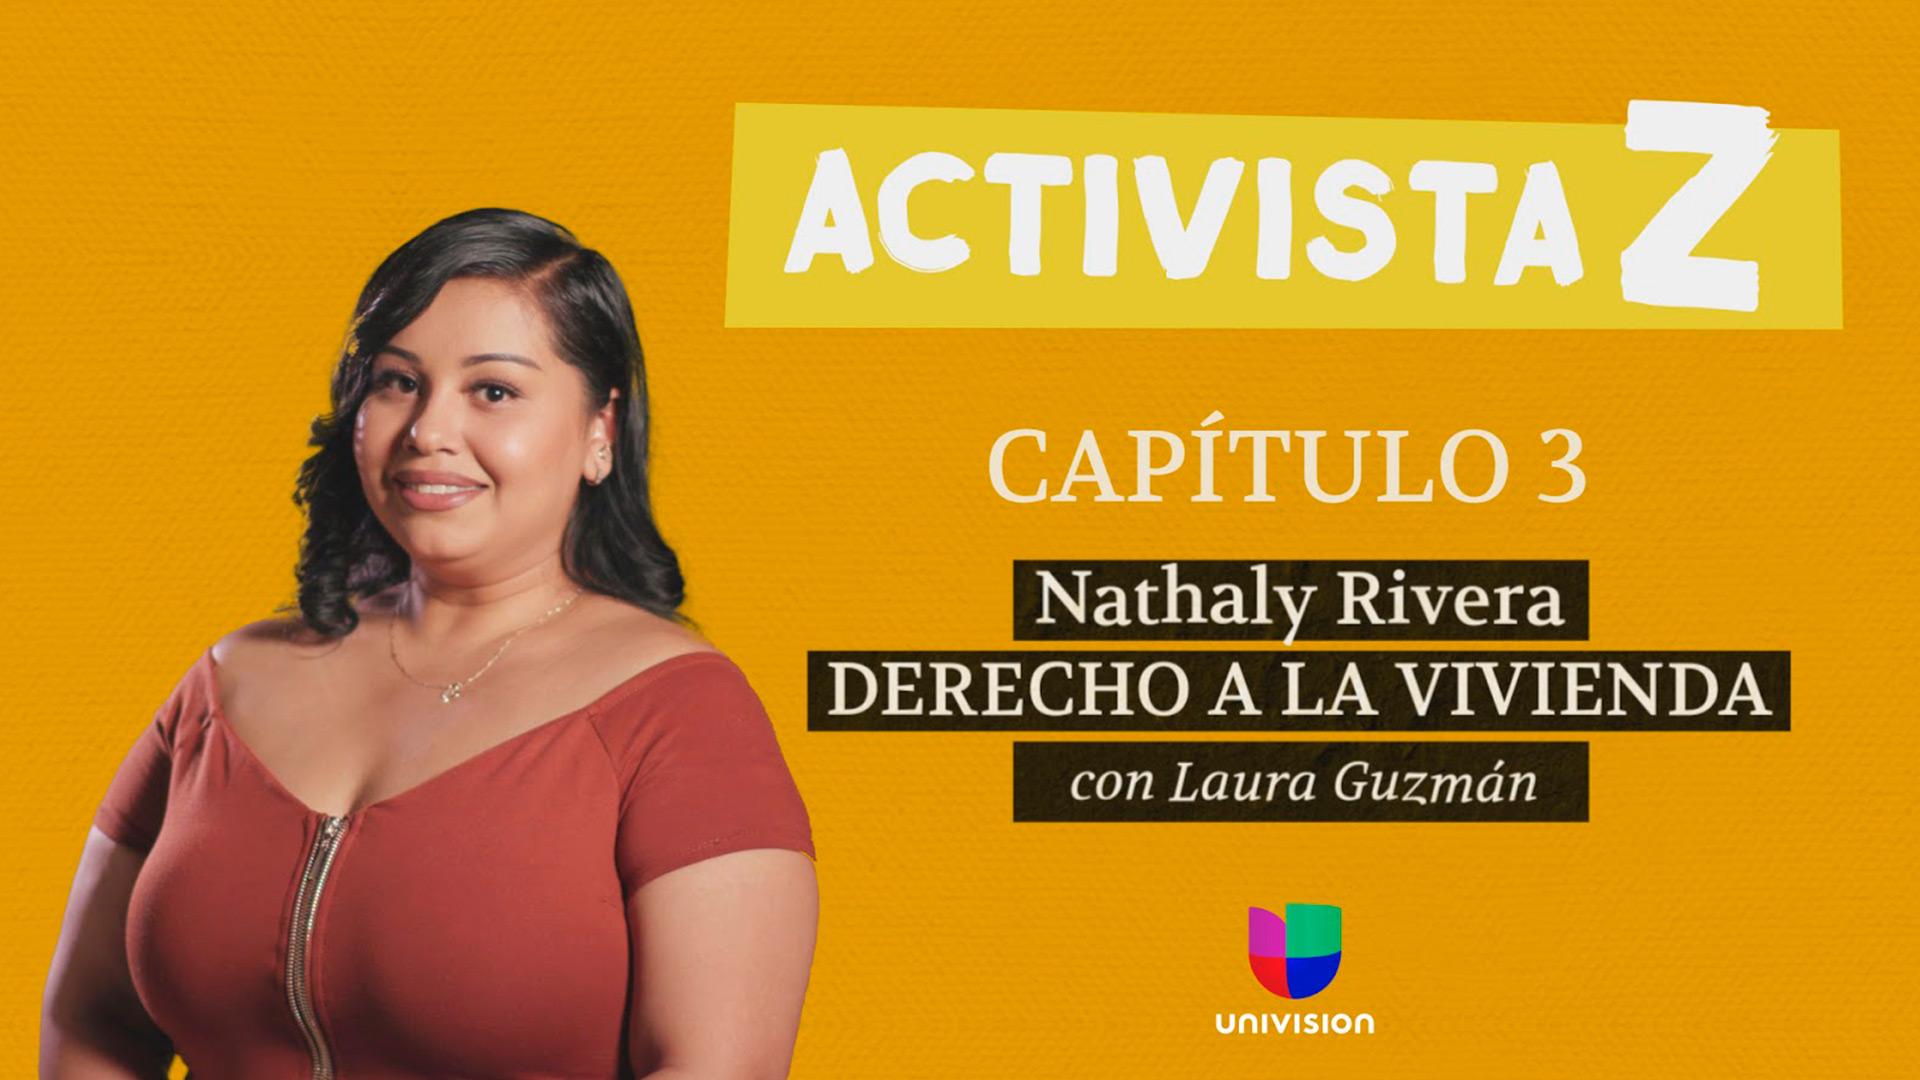 galeria-04-activistaz